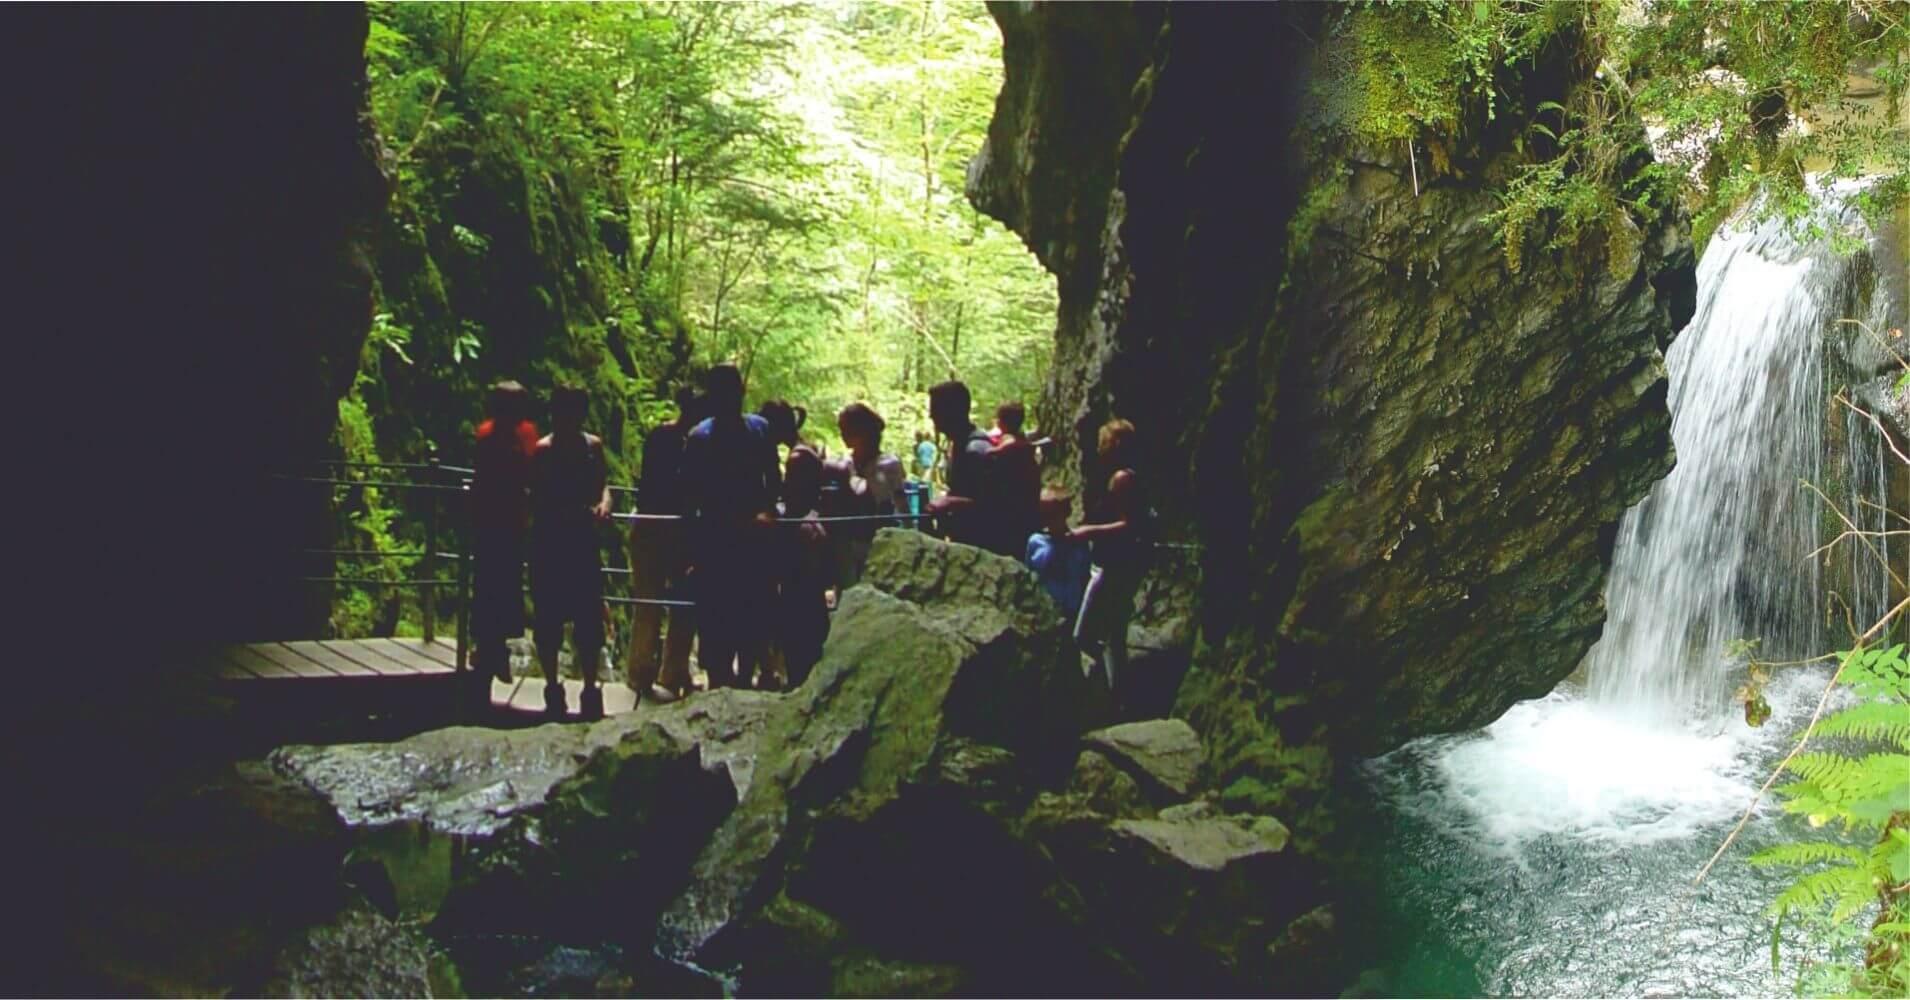 Cueva y Final de la Garganta. Sainte-Engrâce. Pirineos Atlánticos. Nueva Aquitania. Francia.